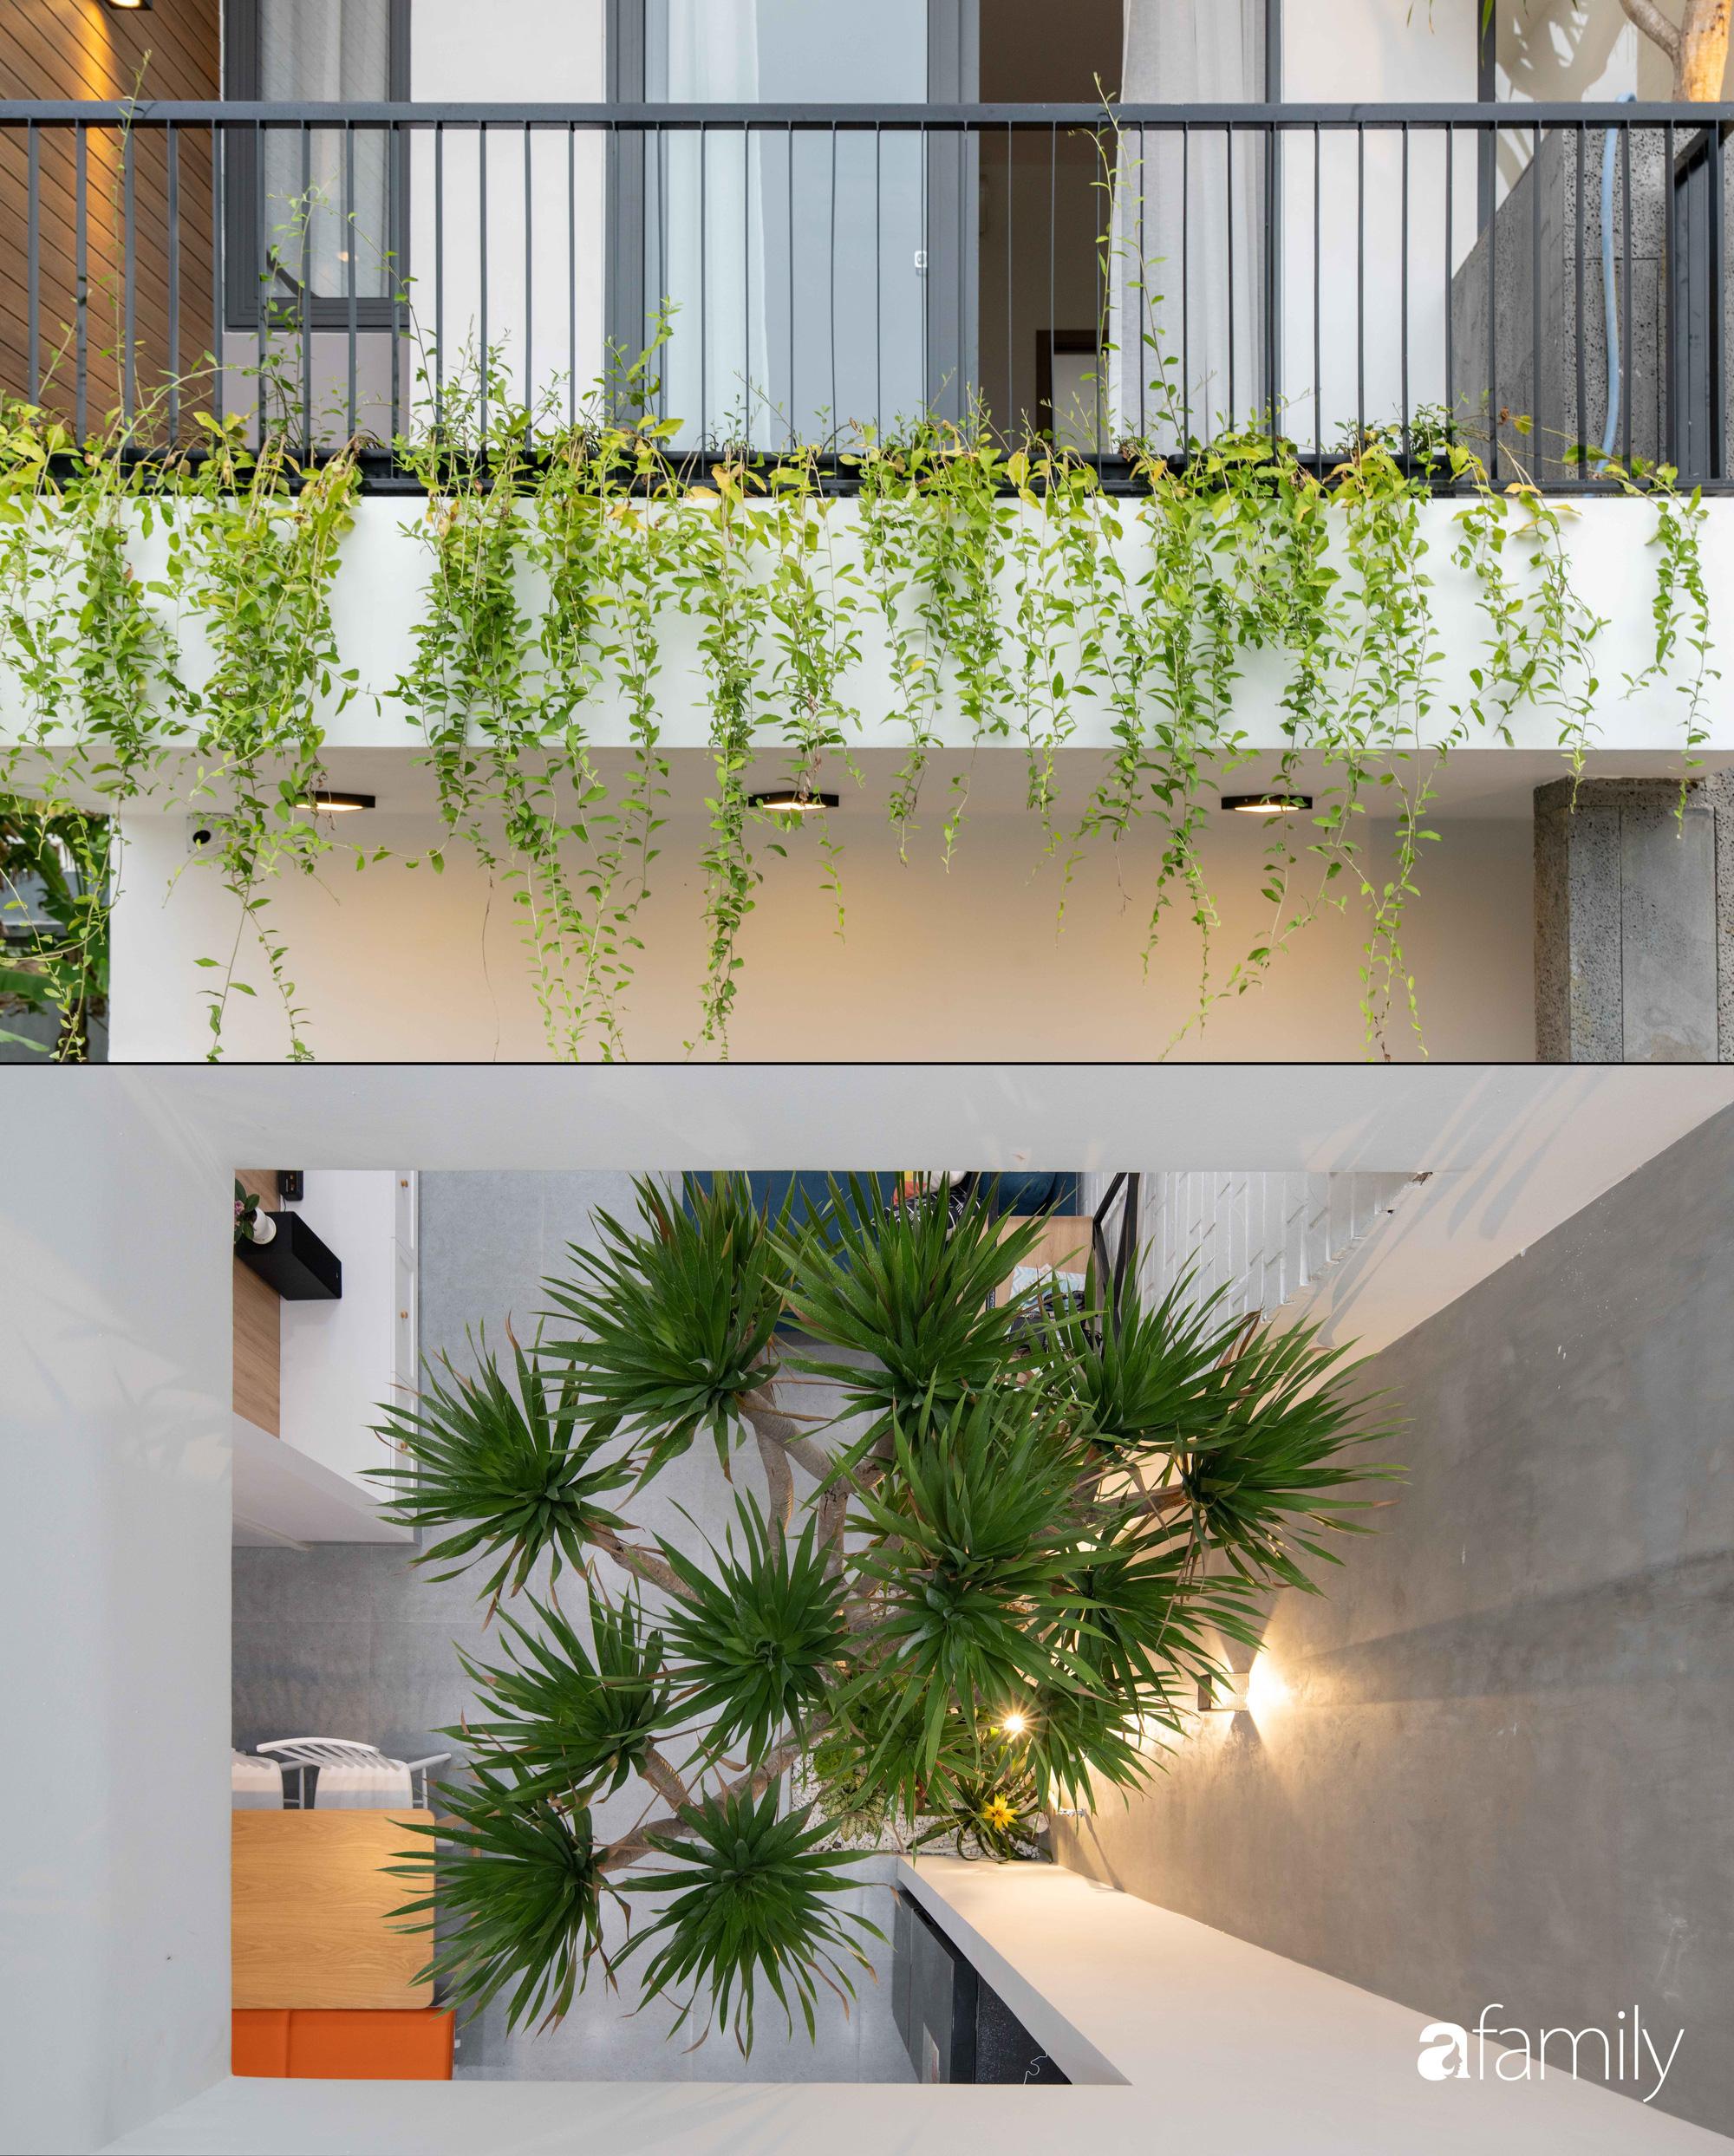 Nhà phố 2 tầng rộng 100m2 được thiết kế ấn tượng với khoảng thông tầng nhiều ánh sáng có chi phí 1,4 tỷ ở Đà Nẵng - Ảnh 8.